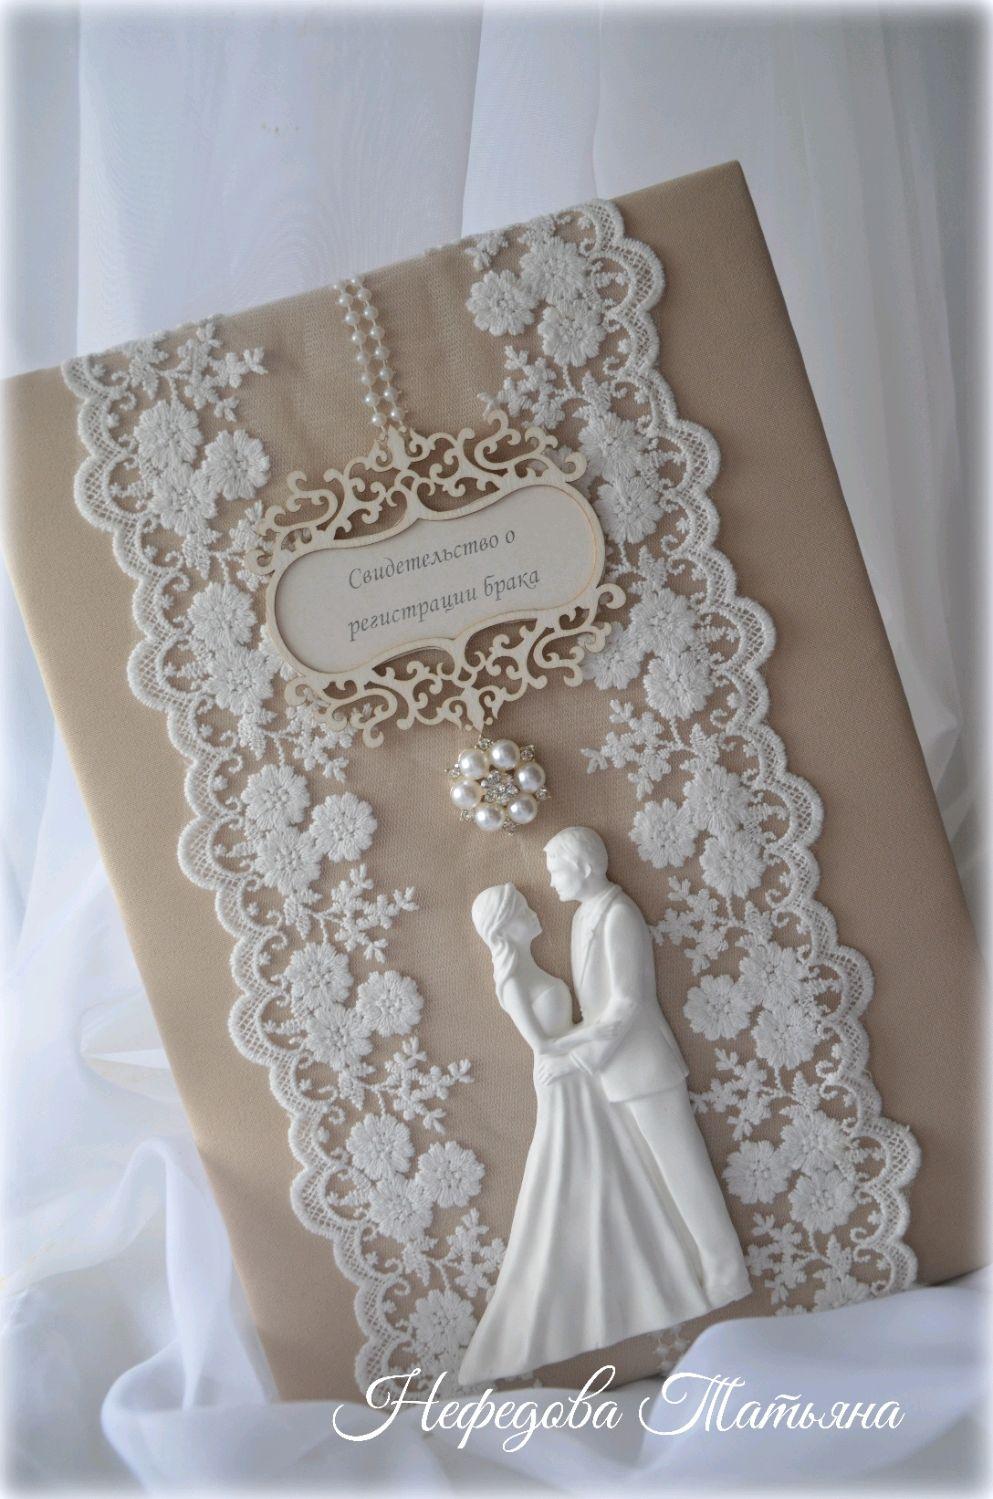 Папка для свидетельства, Обложка для свидетельства о браке, Ульяновск,  Фото №1